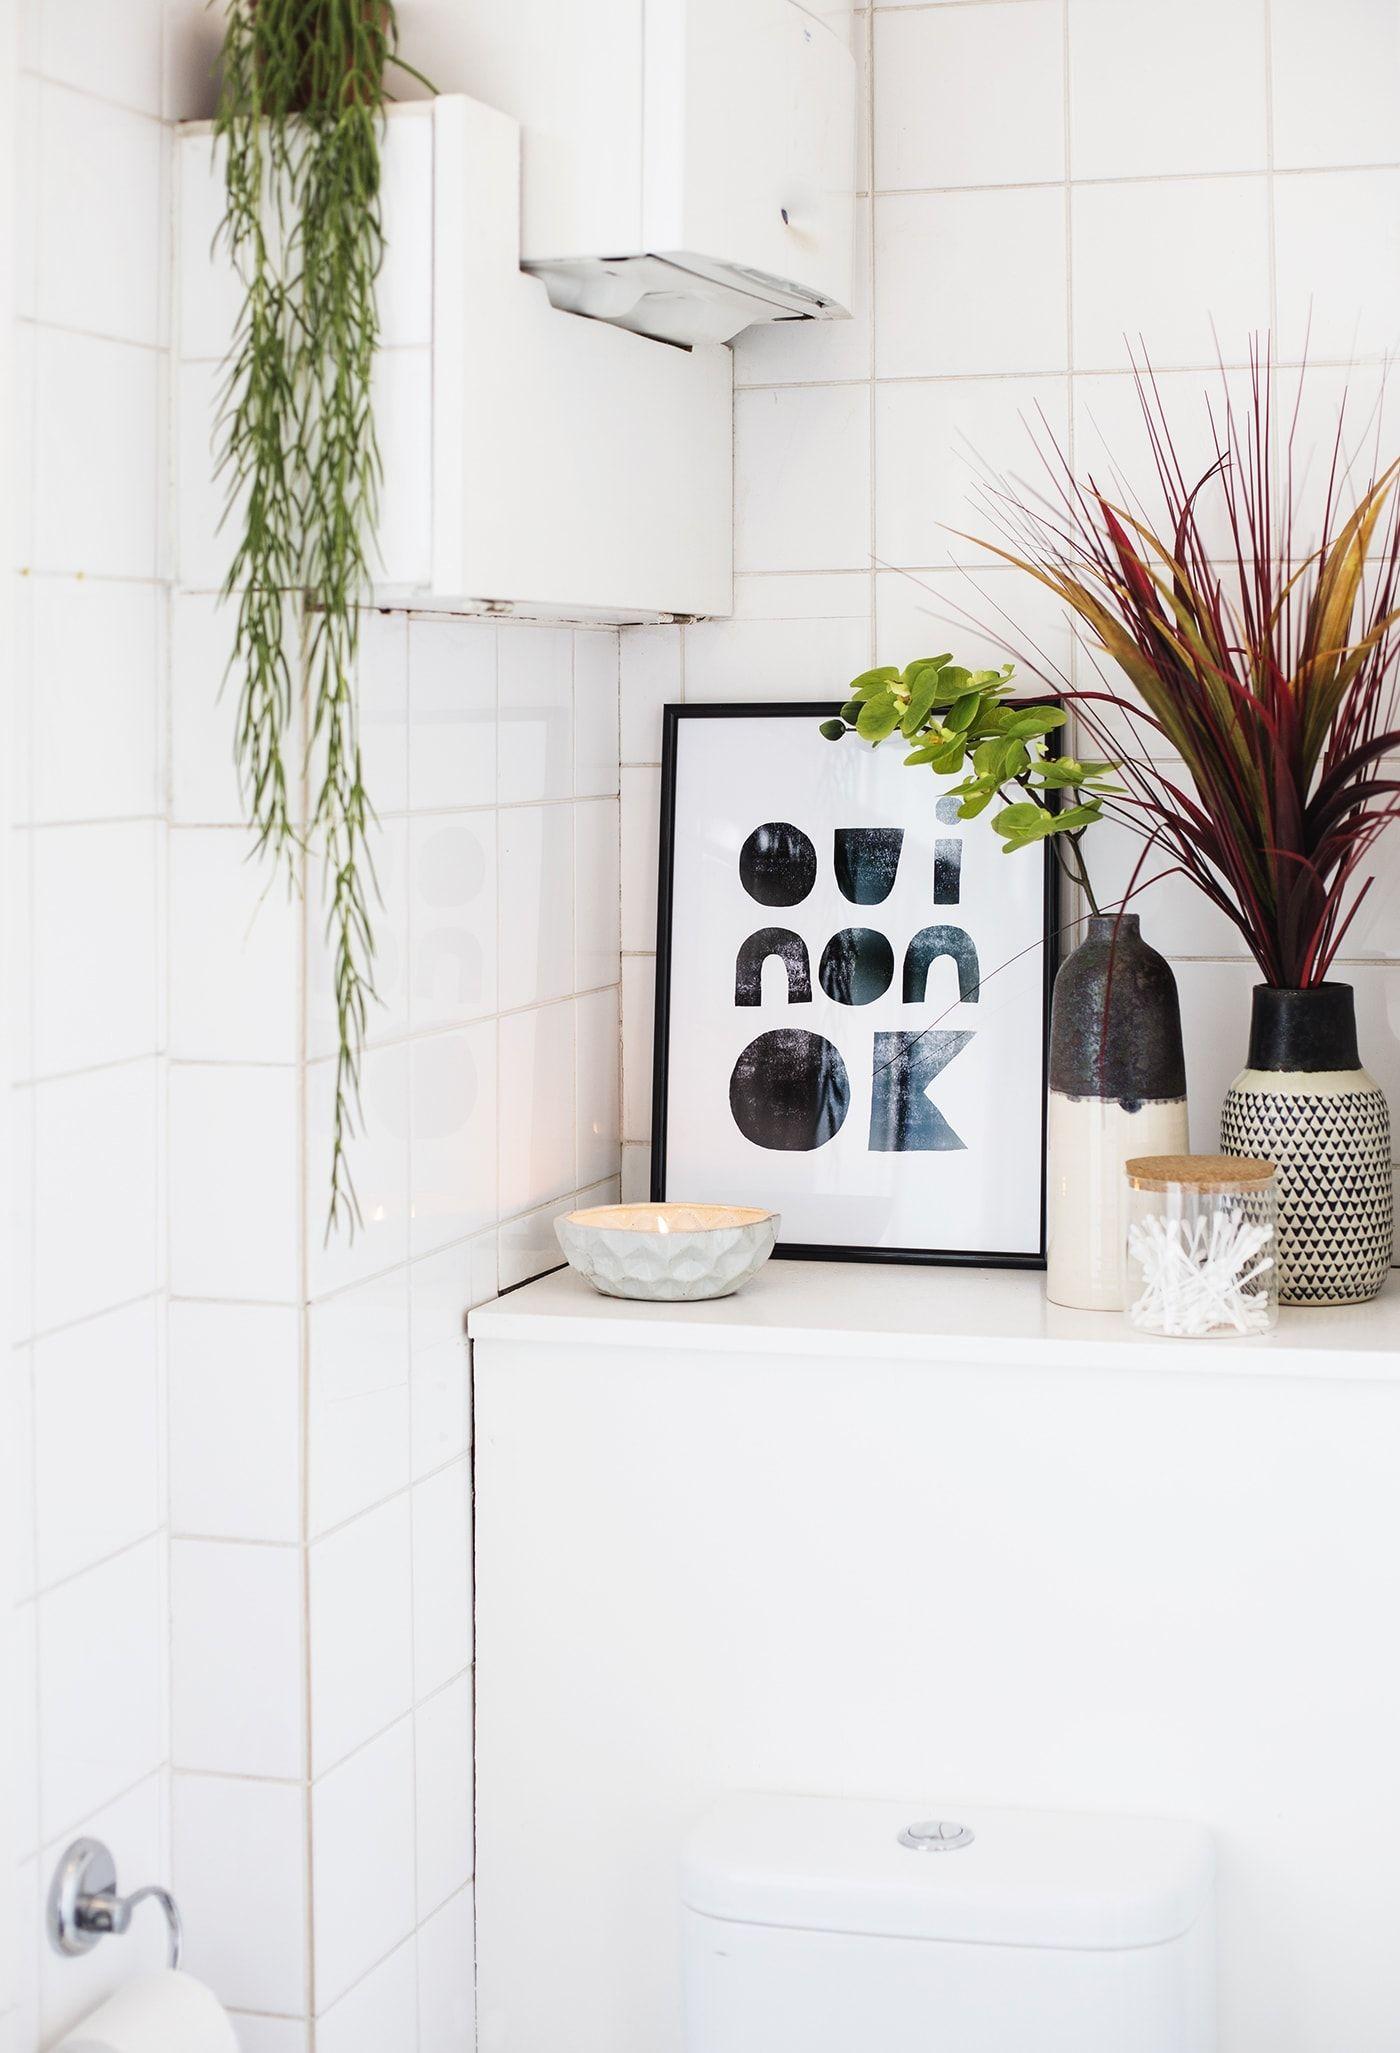 Badezimmer Restyle Mit Habitat Mit Bildern Innenraum Kleine